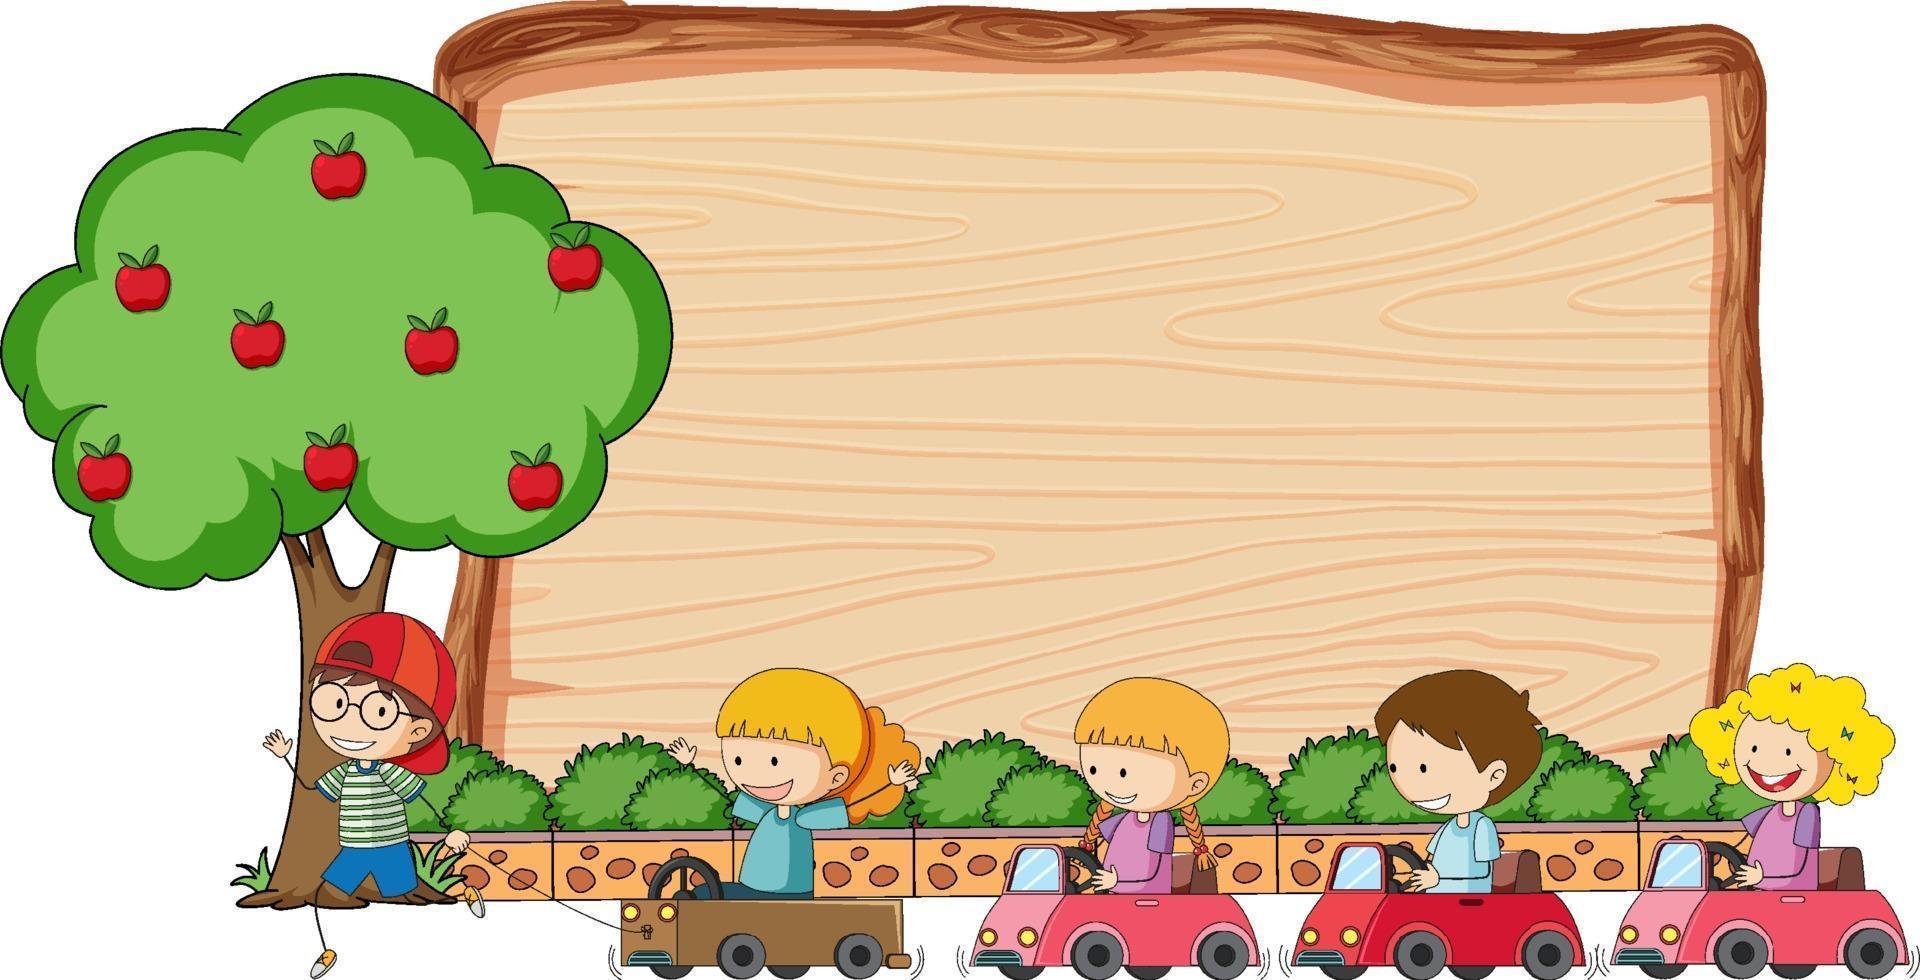 planche de bois vide avec de nombreux enfants personnage de dessin animé doodle vecteur